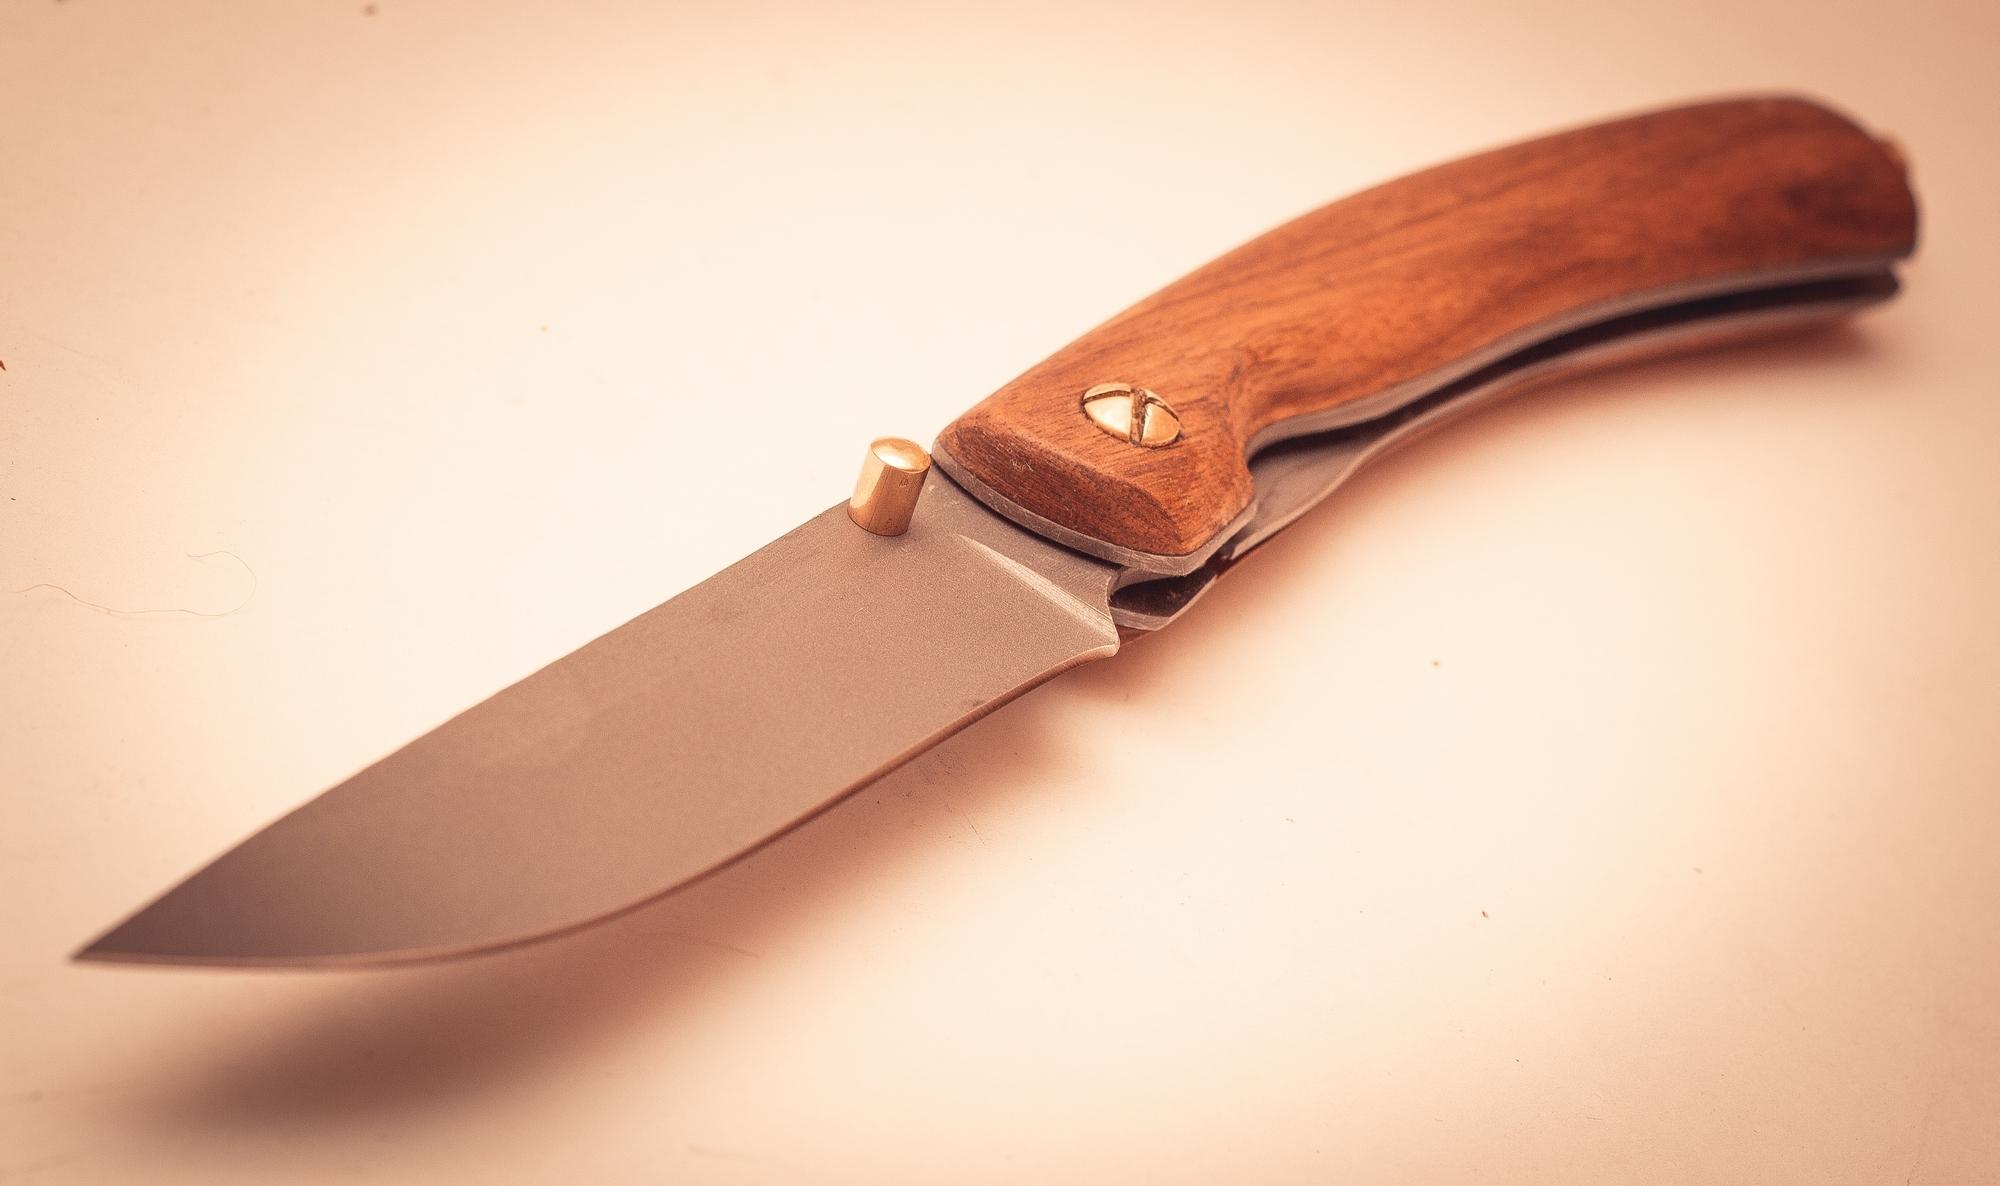 Фото 3 - Складной нож Помор, сталь 95х18, орех от Марычев